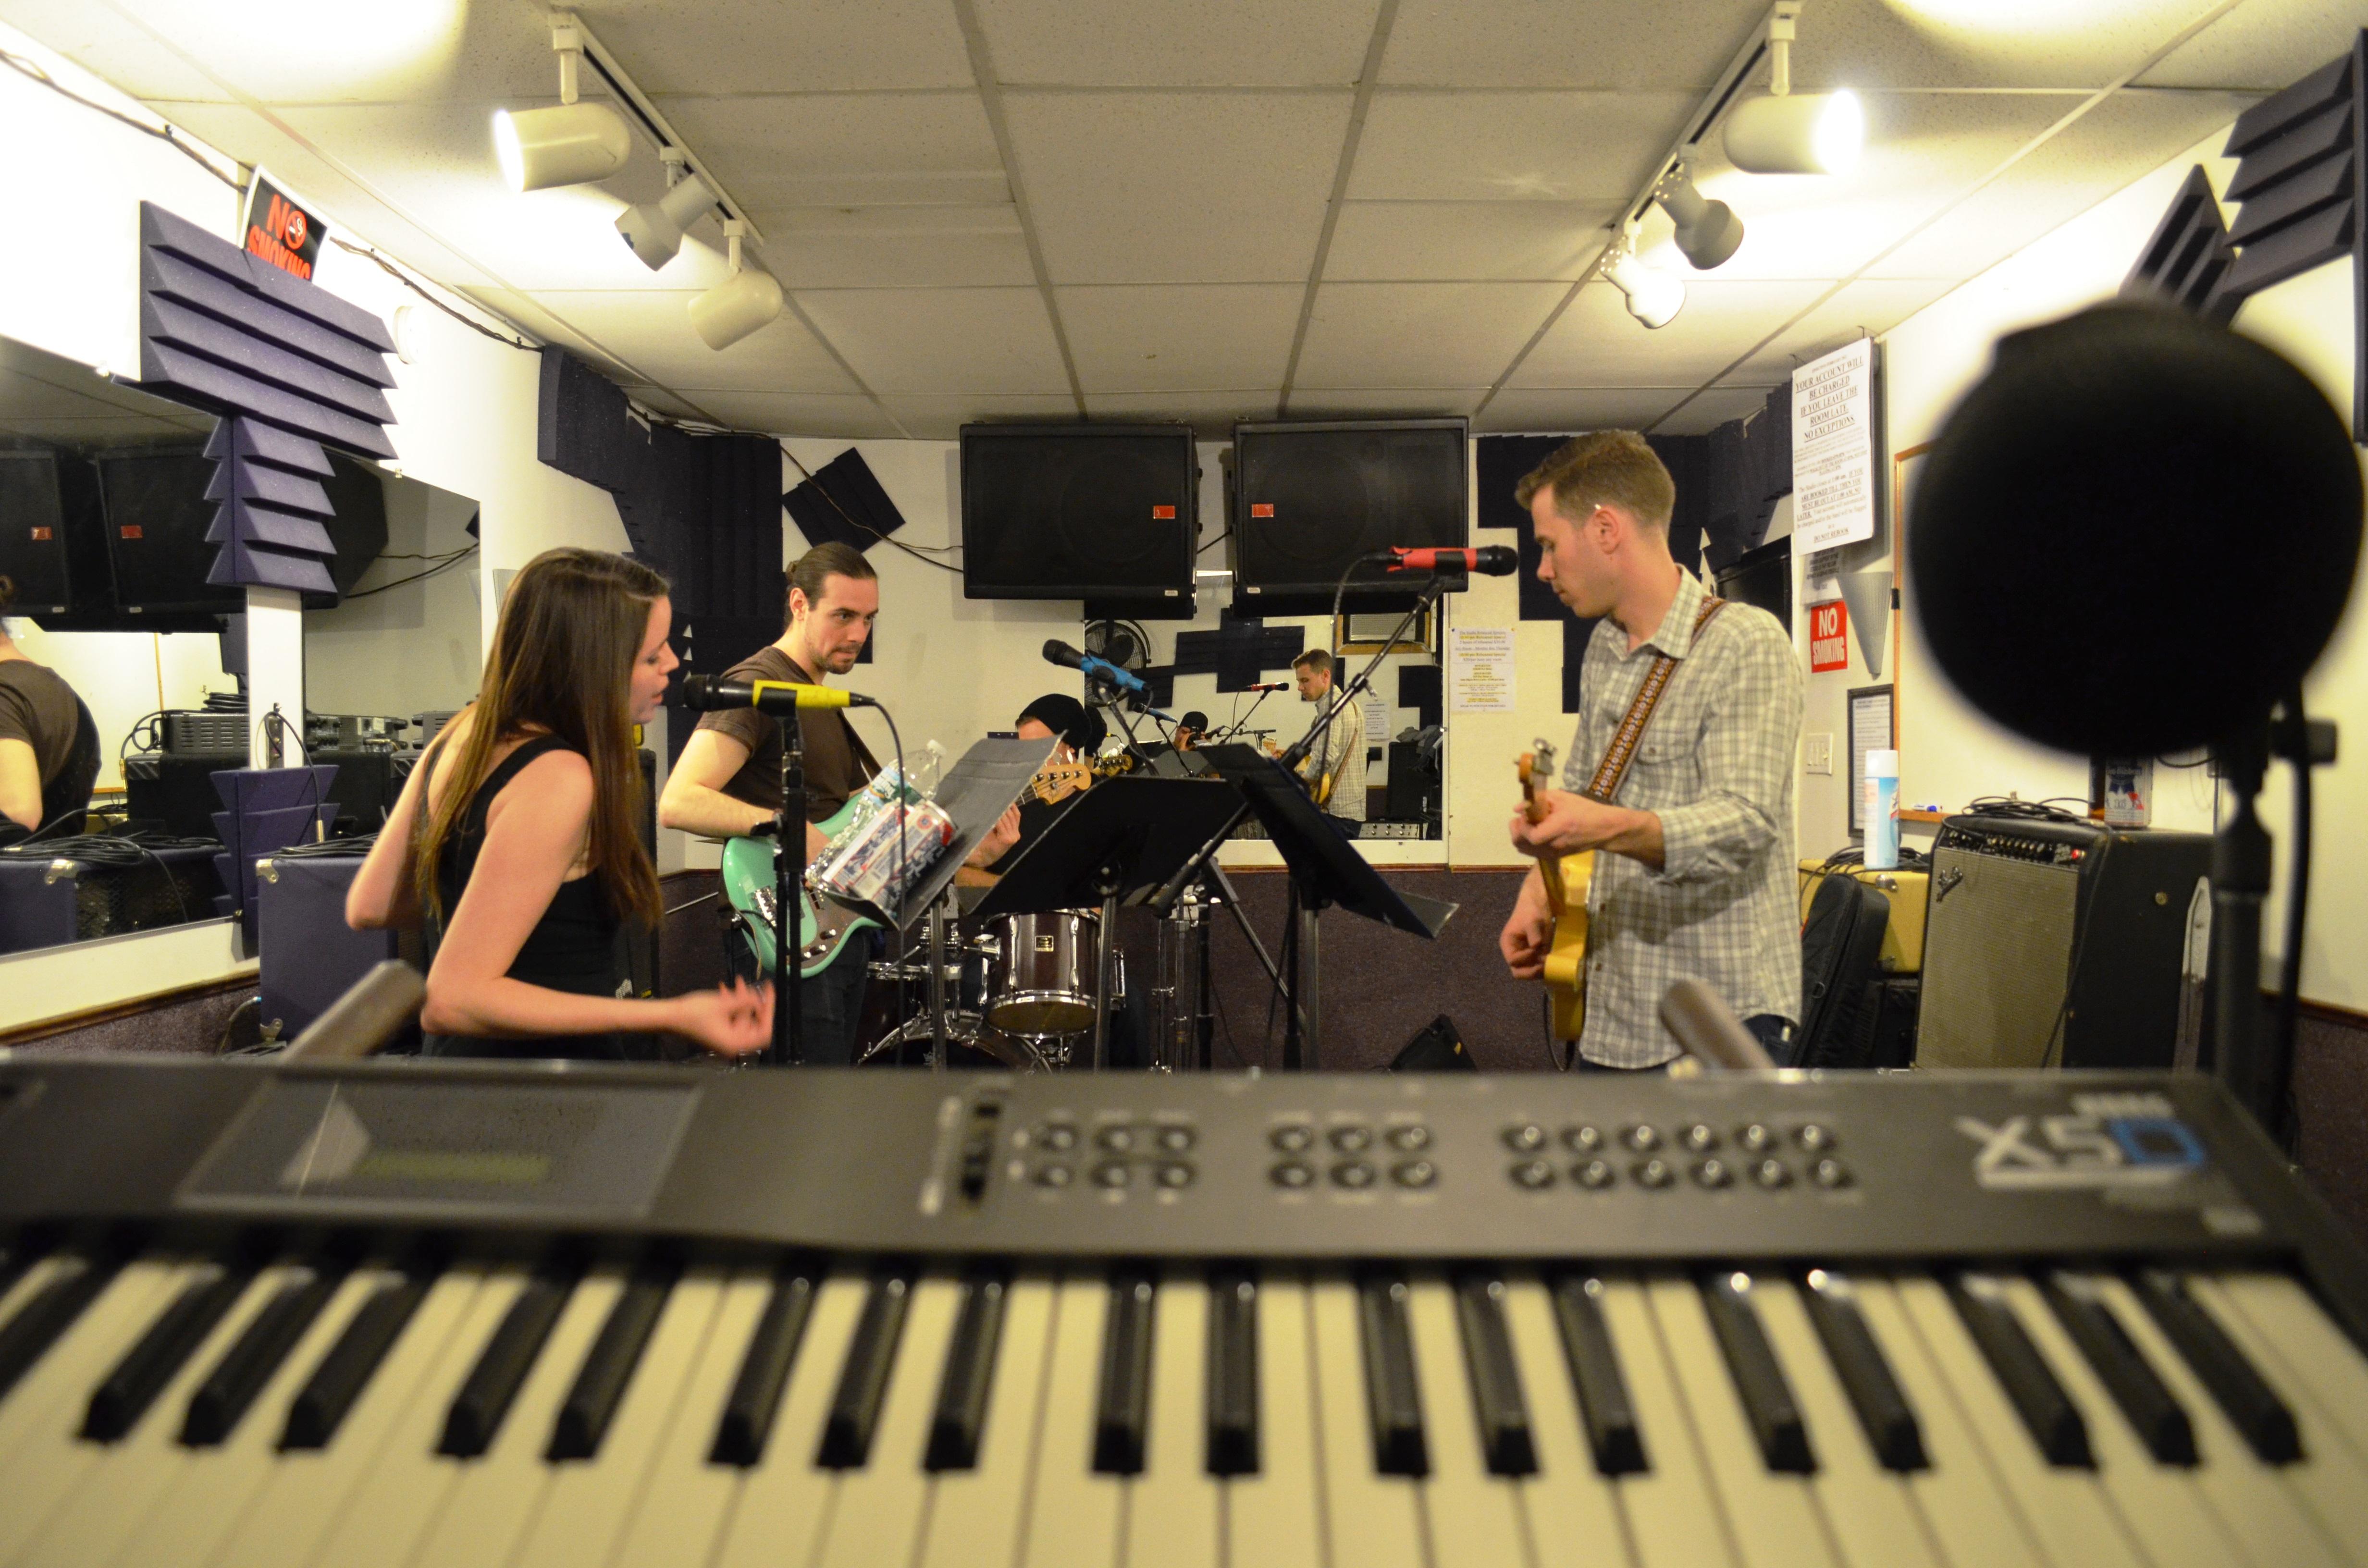 NYC practice